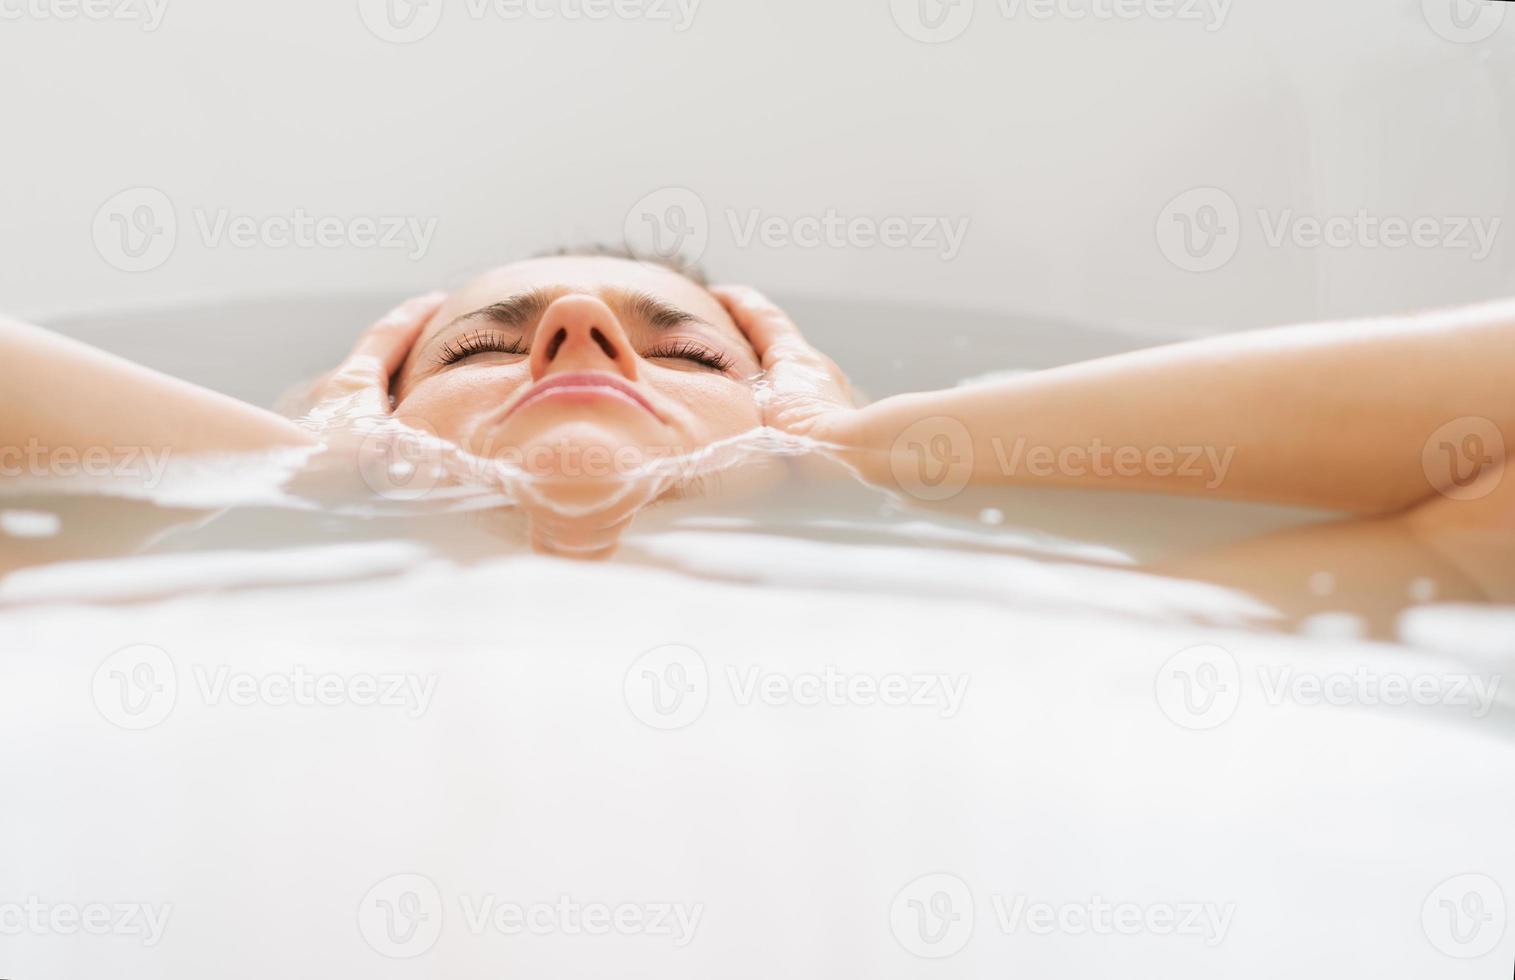 giovane donna sollecitata che risiede nella vasca foto